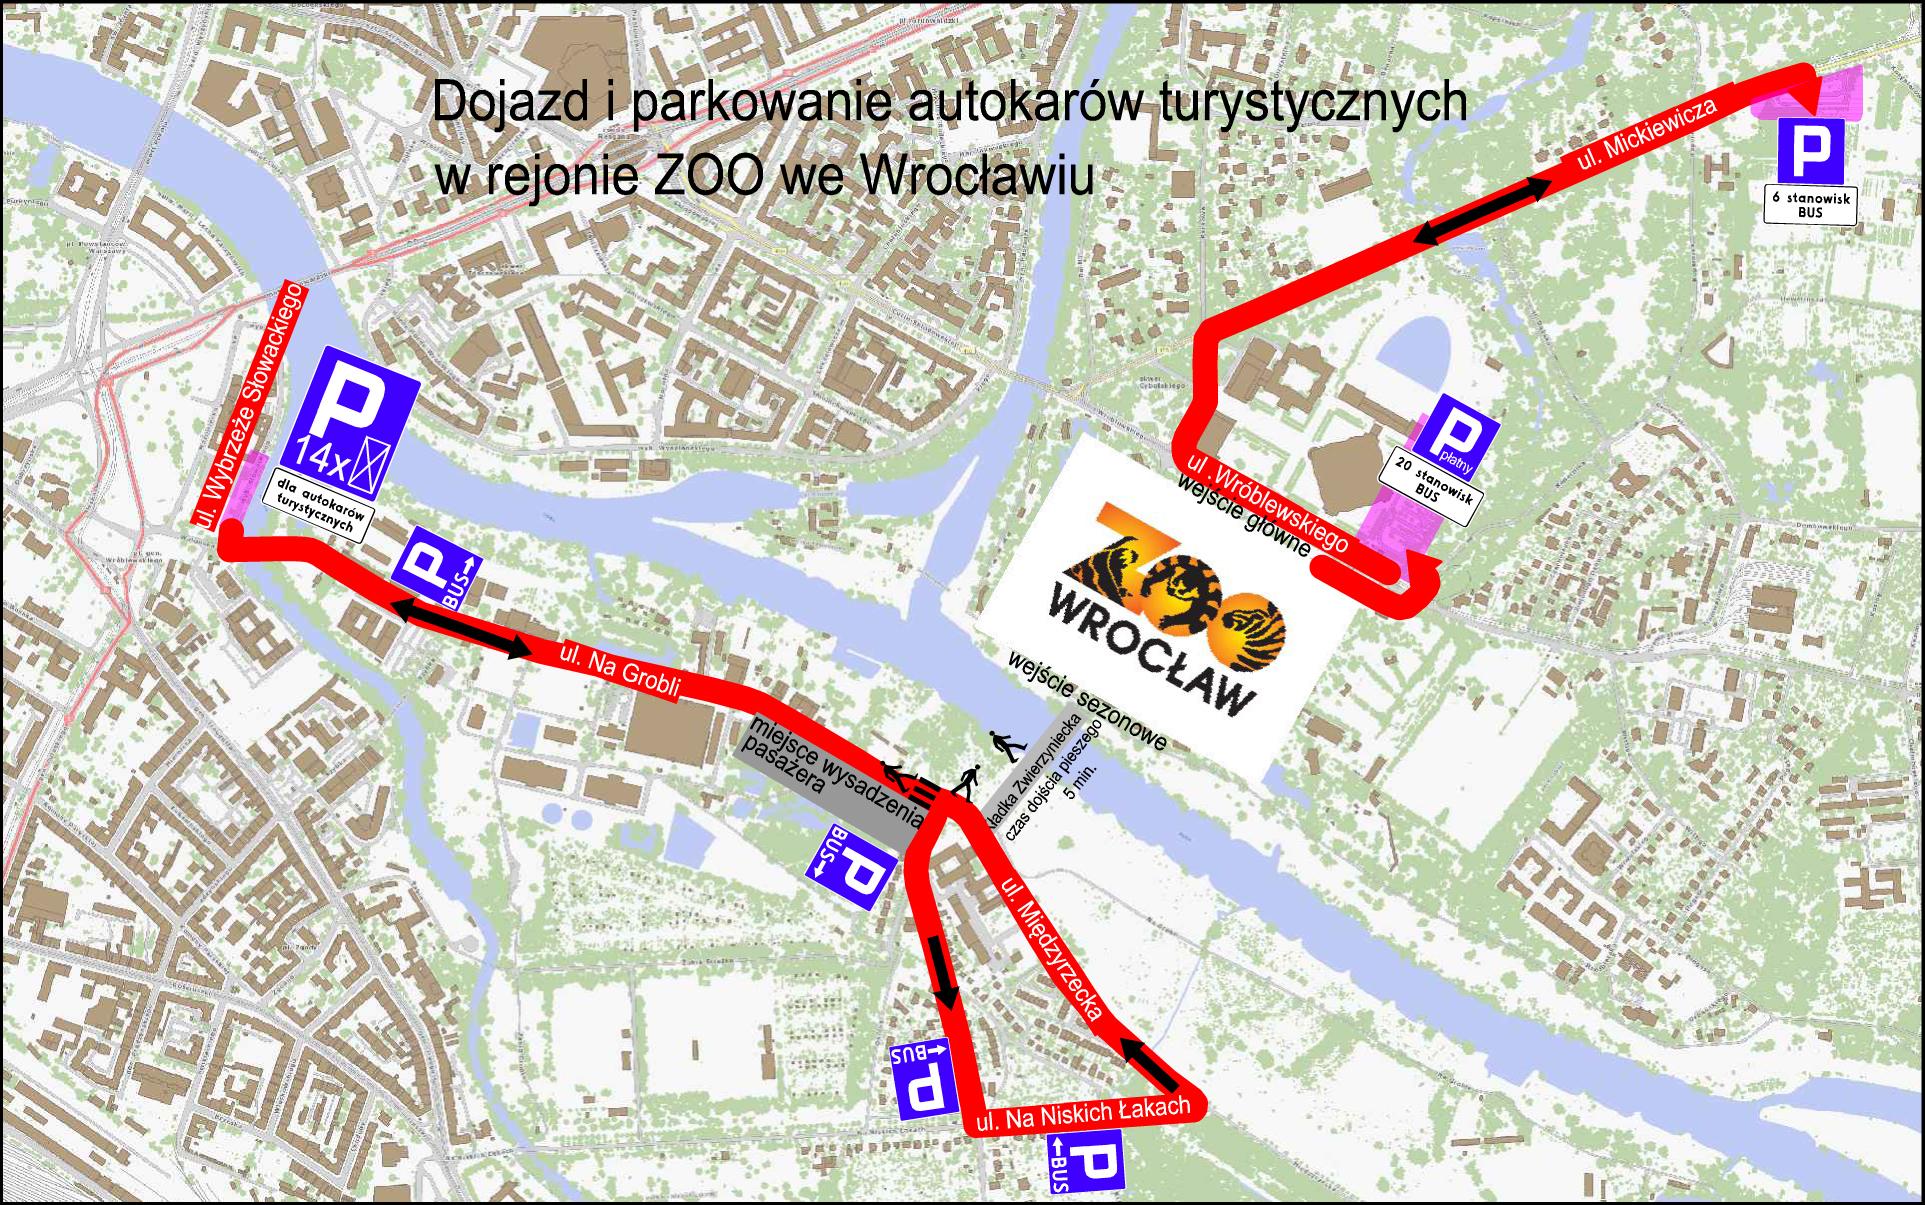 Afrykarium Wroclaw Parkowanie Mapa Parkingow Www Wroclaw Pl